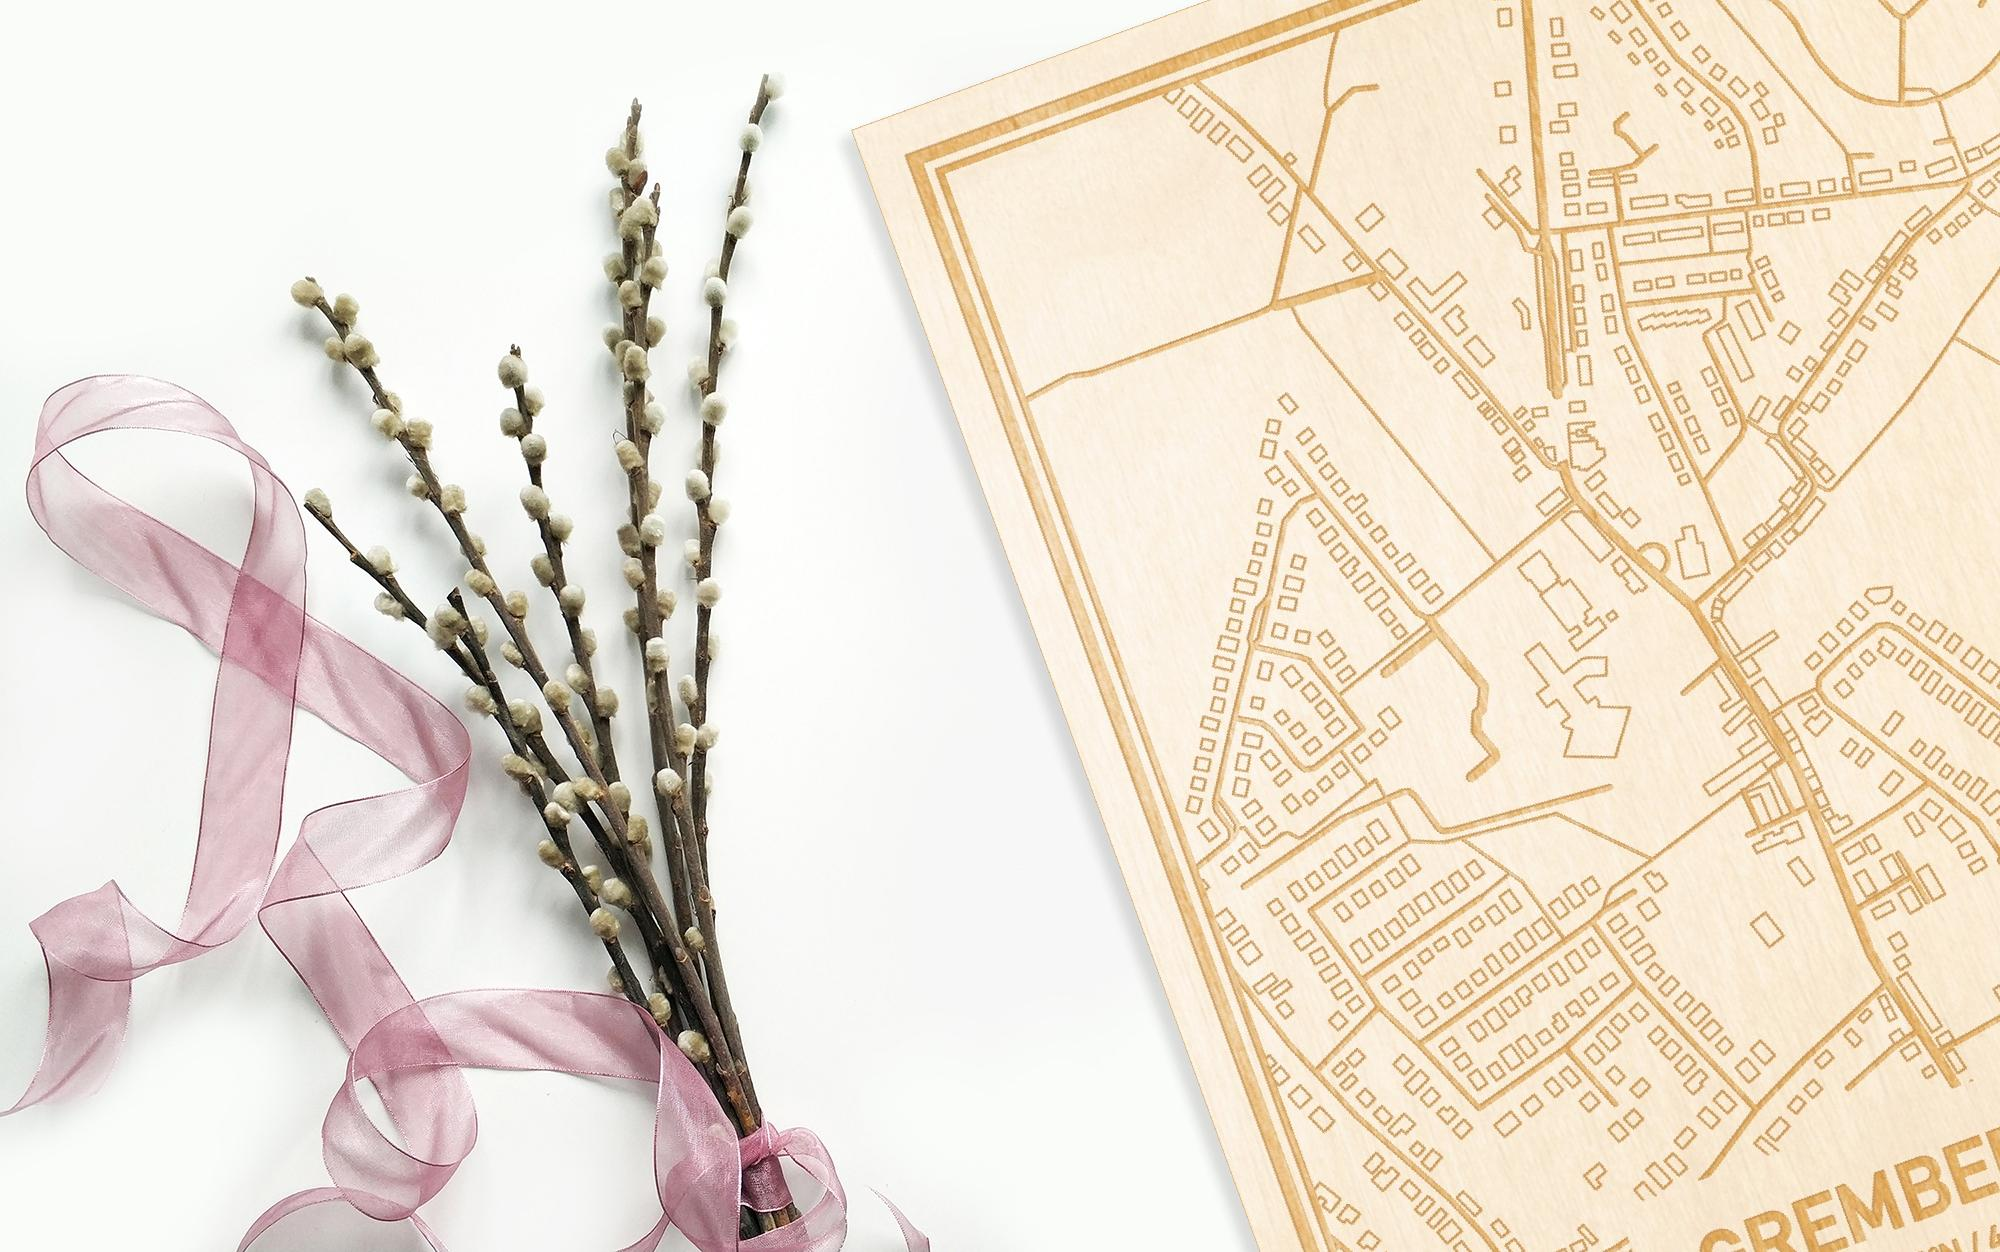 Hier ligt de houten plattegrond Grembergen naast een bloemetje als gepersonaliseerd cadeau voor haar.